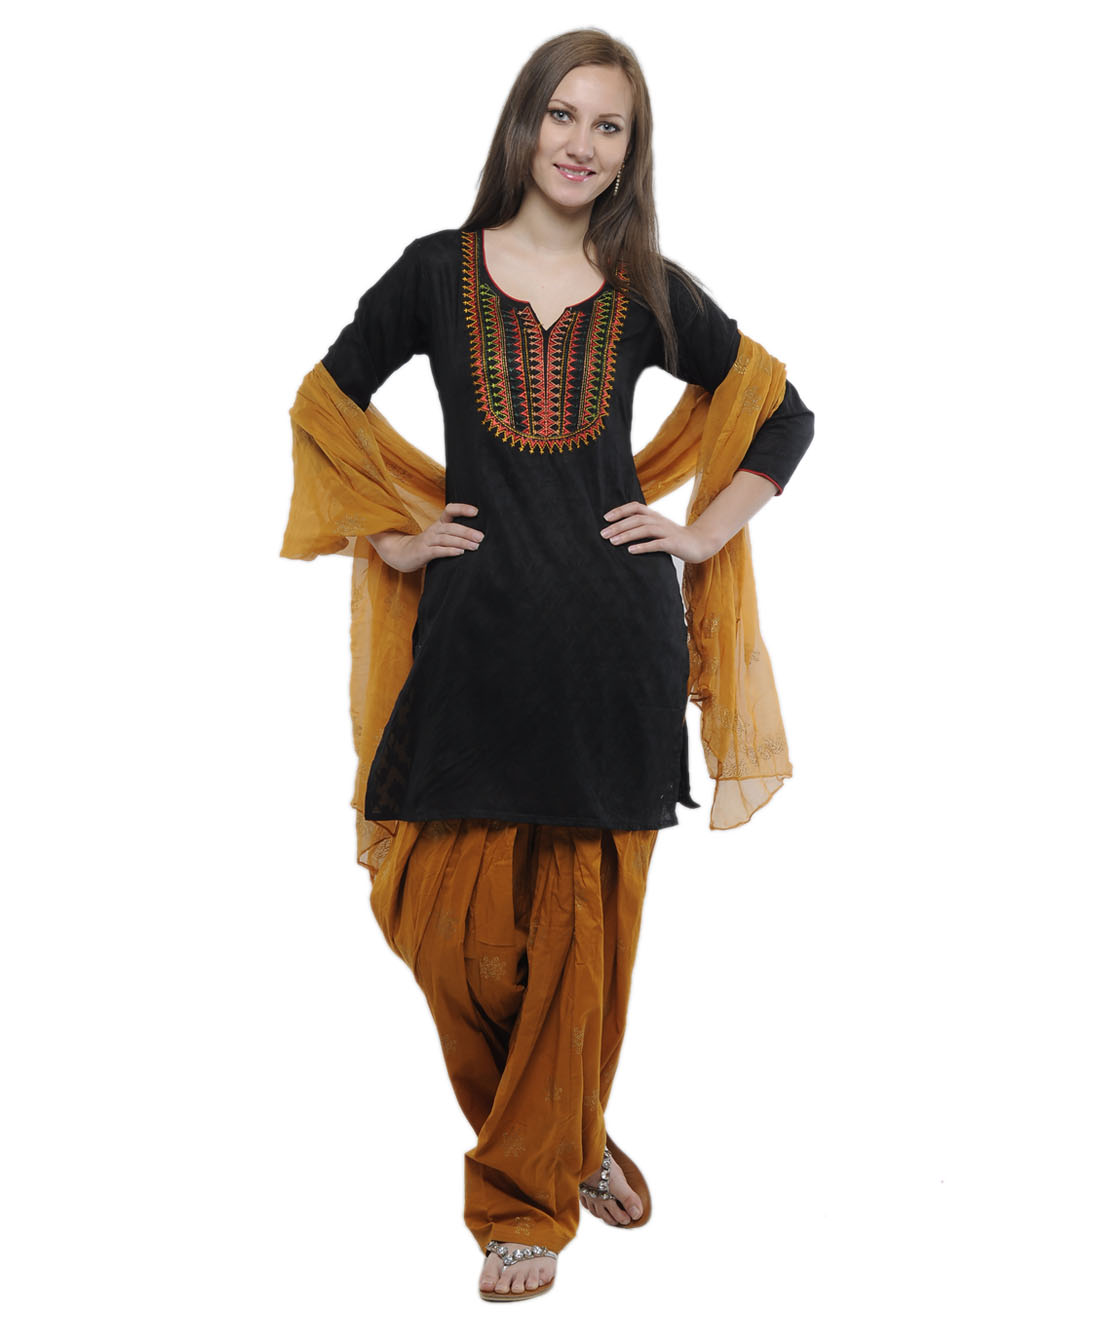 Patiala salwar kameez 2013 indian patiala salwar fashion 2013